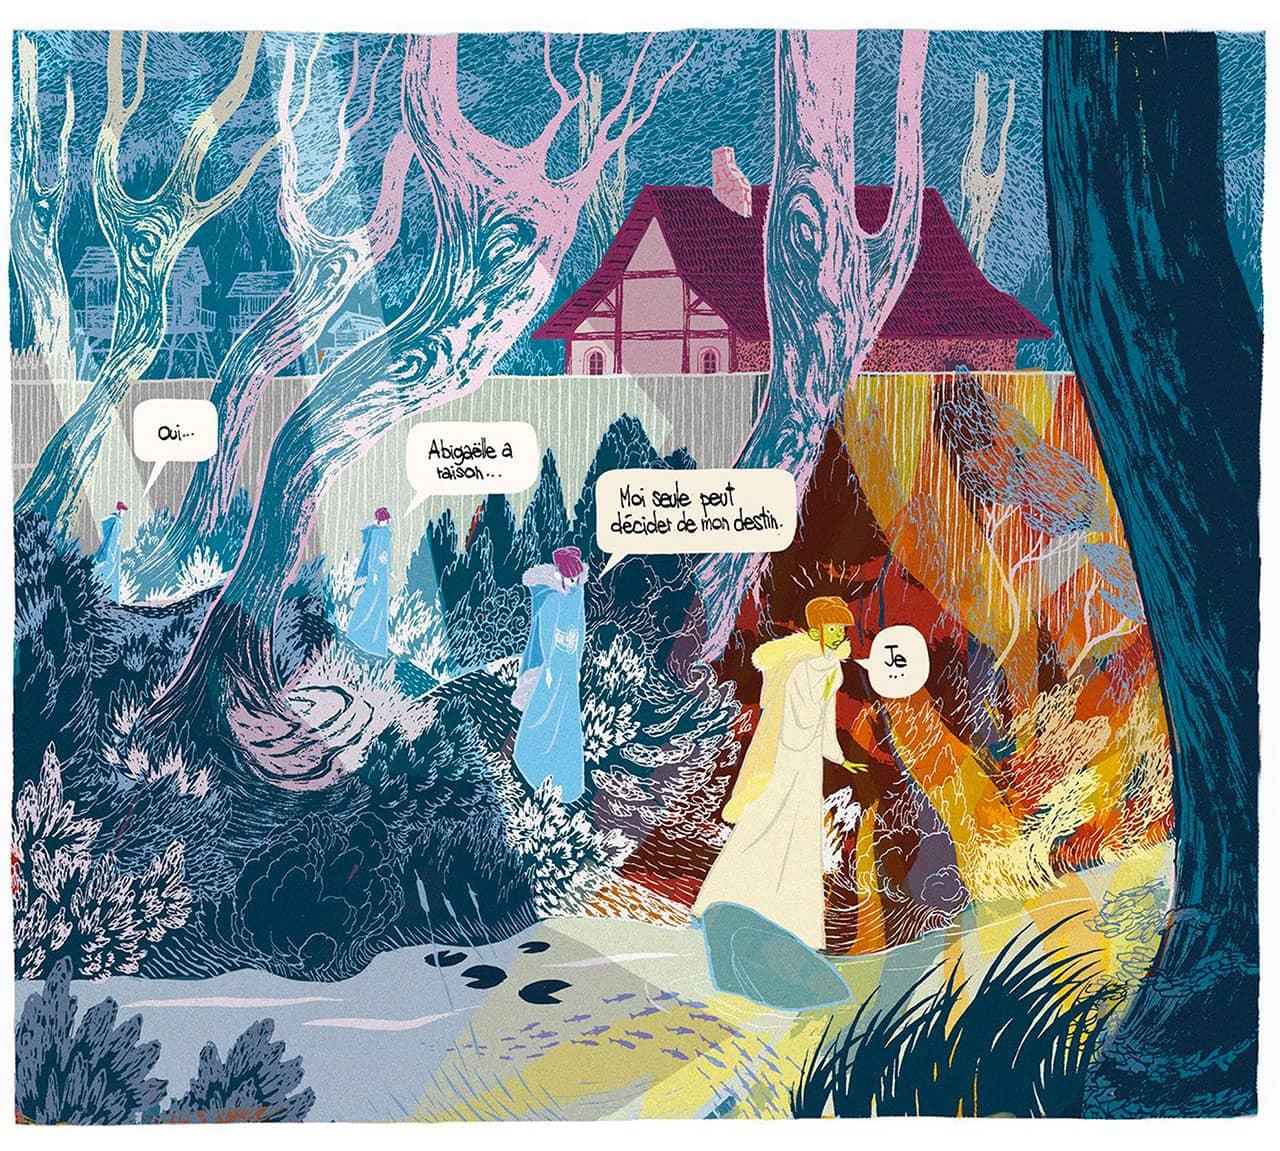 Mise en couleur de la case présentant l'avancement de Tilda dans une forêt